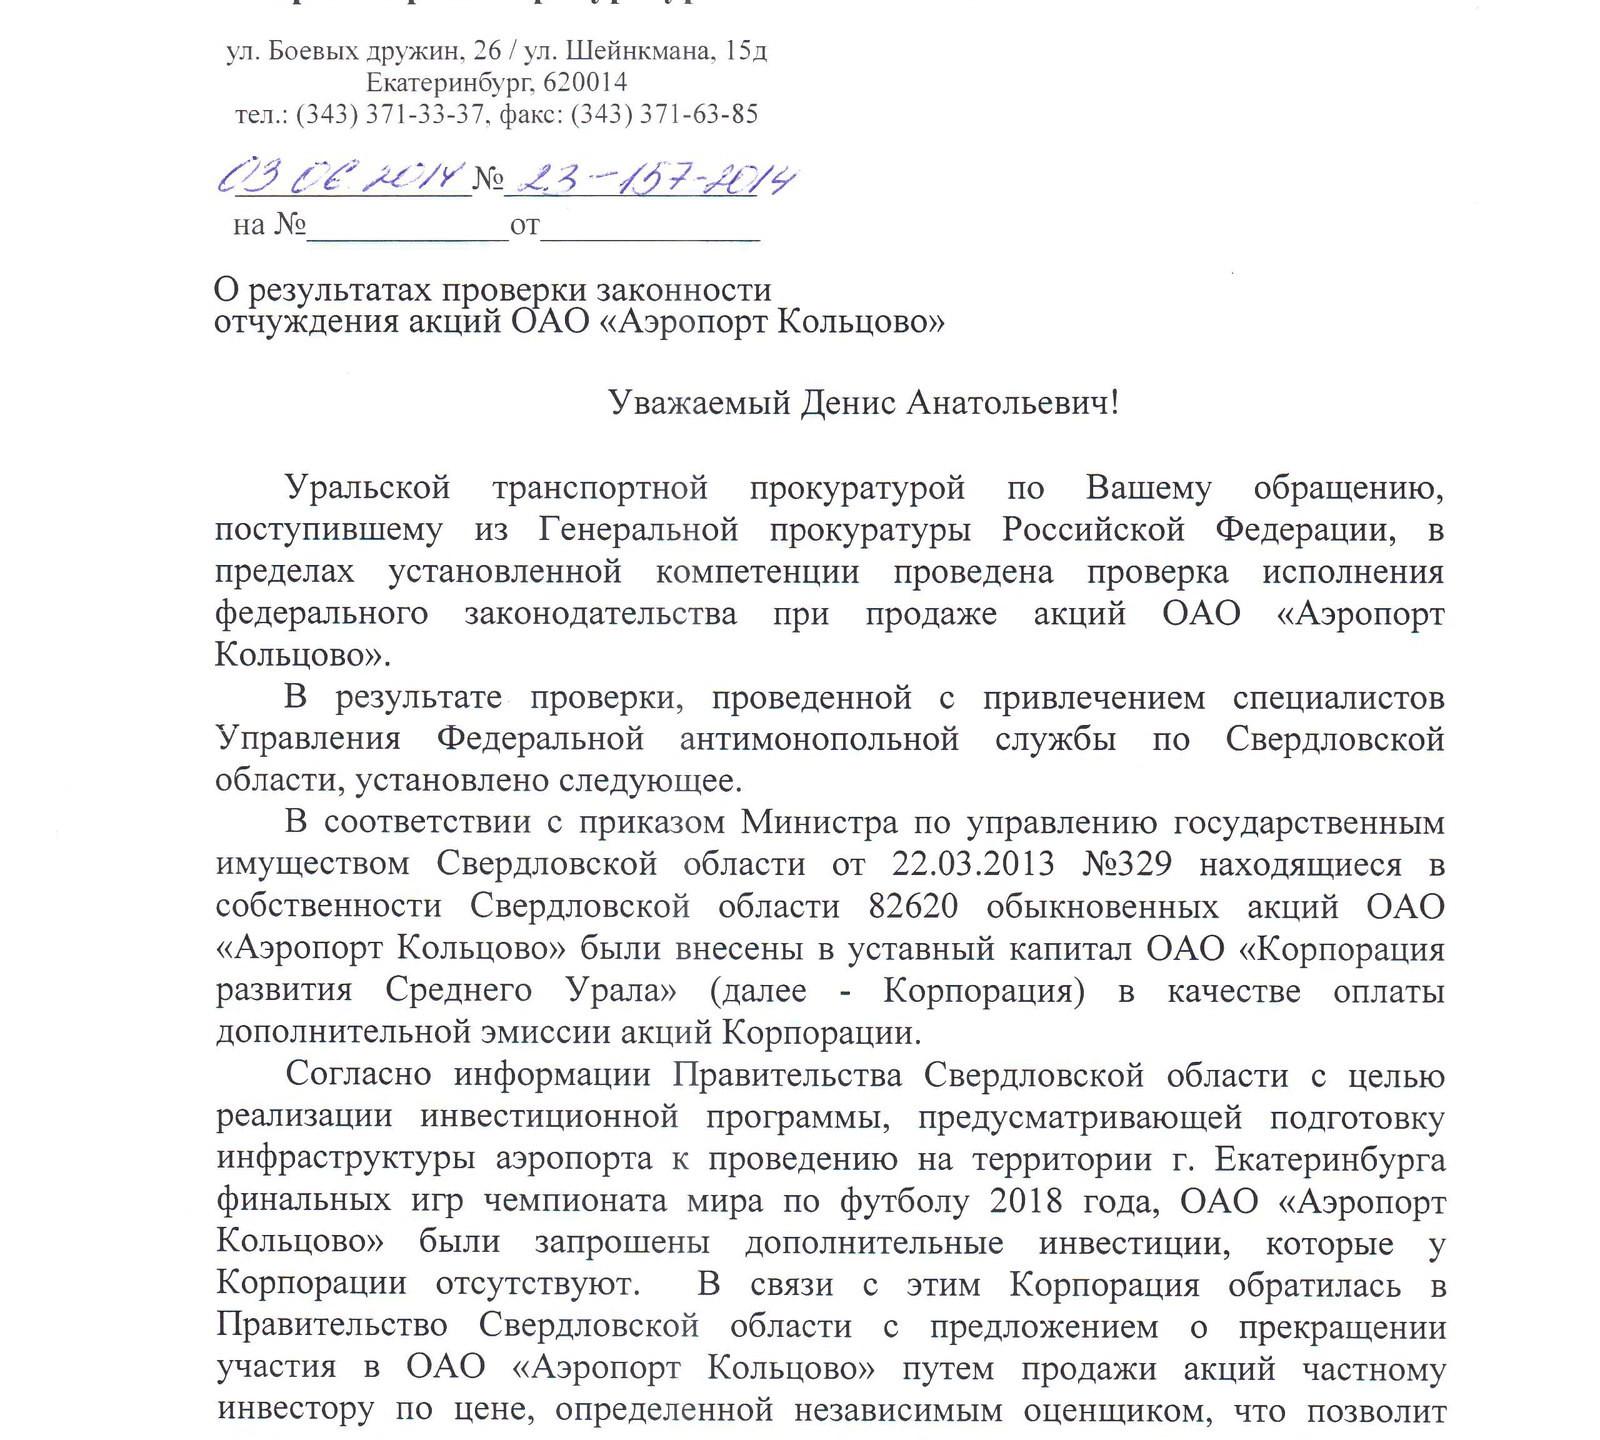 ответ из Урал.трансп.Прокуратуры